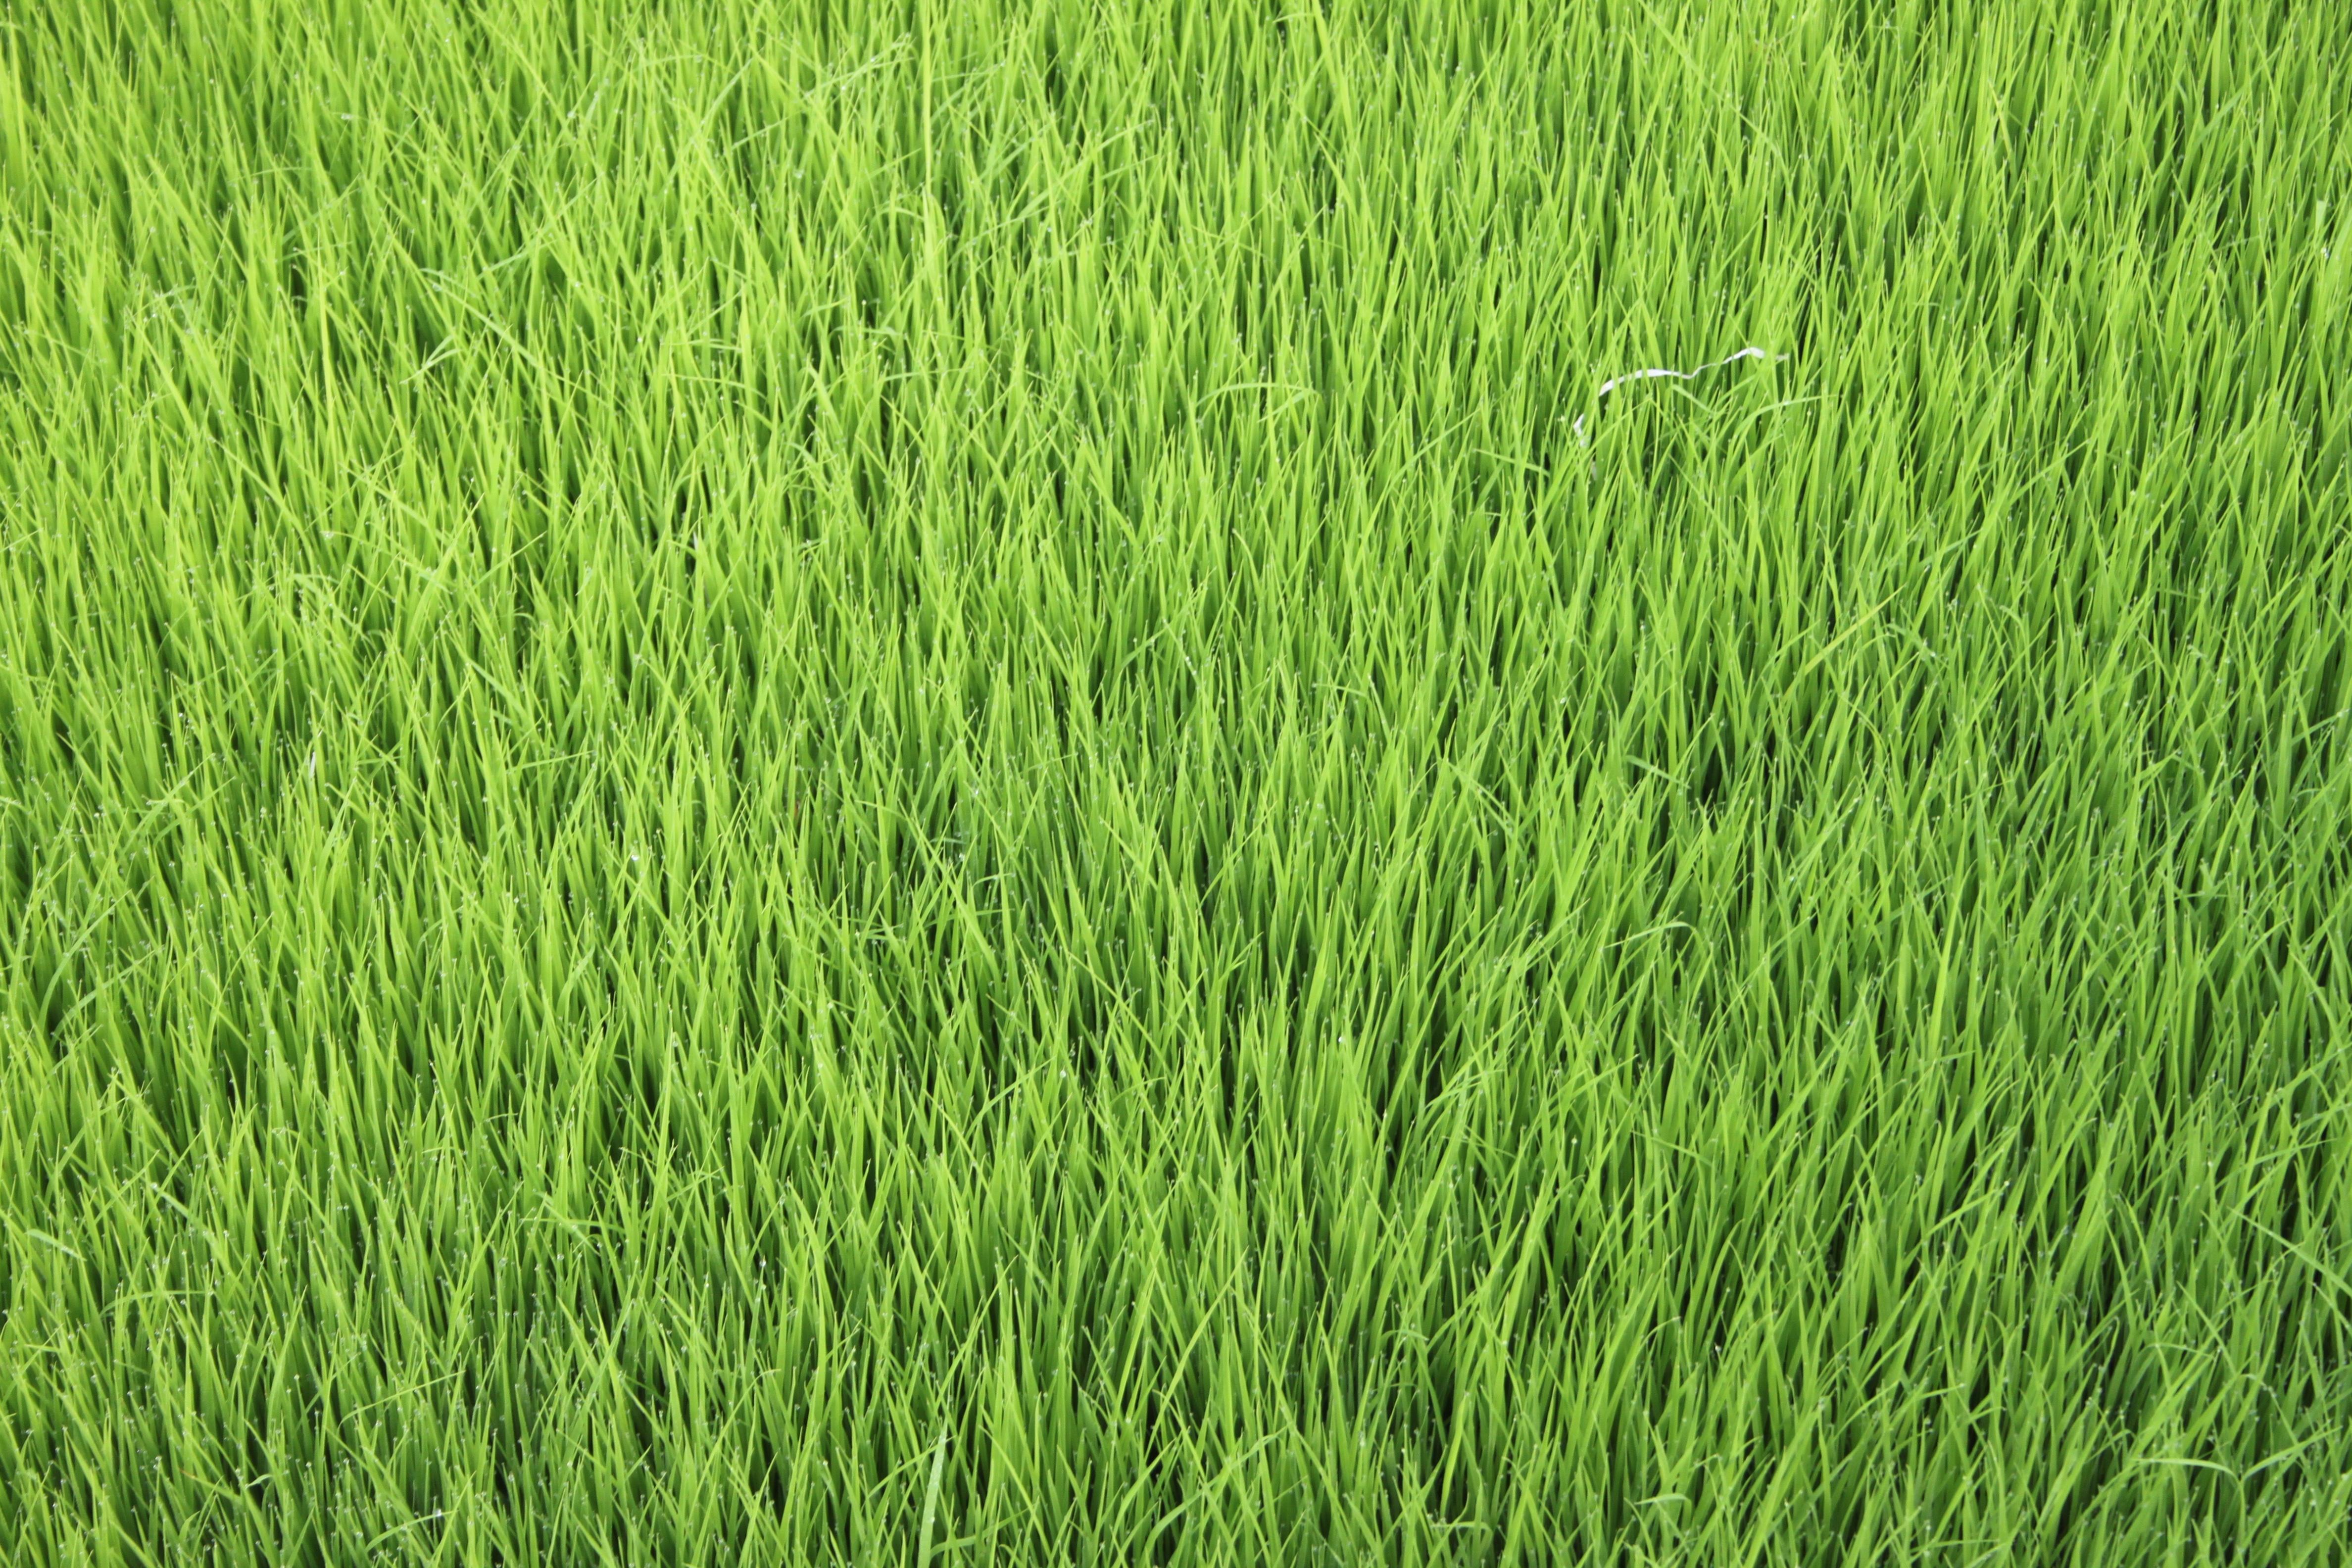 чем трава картинки большая рвет толстой